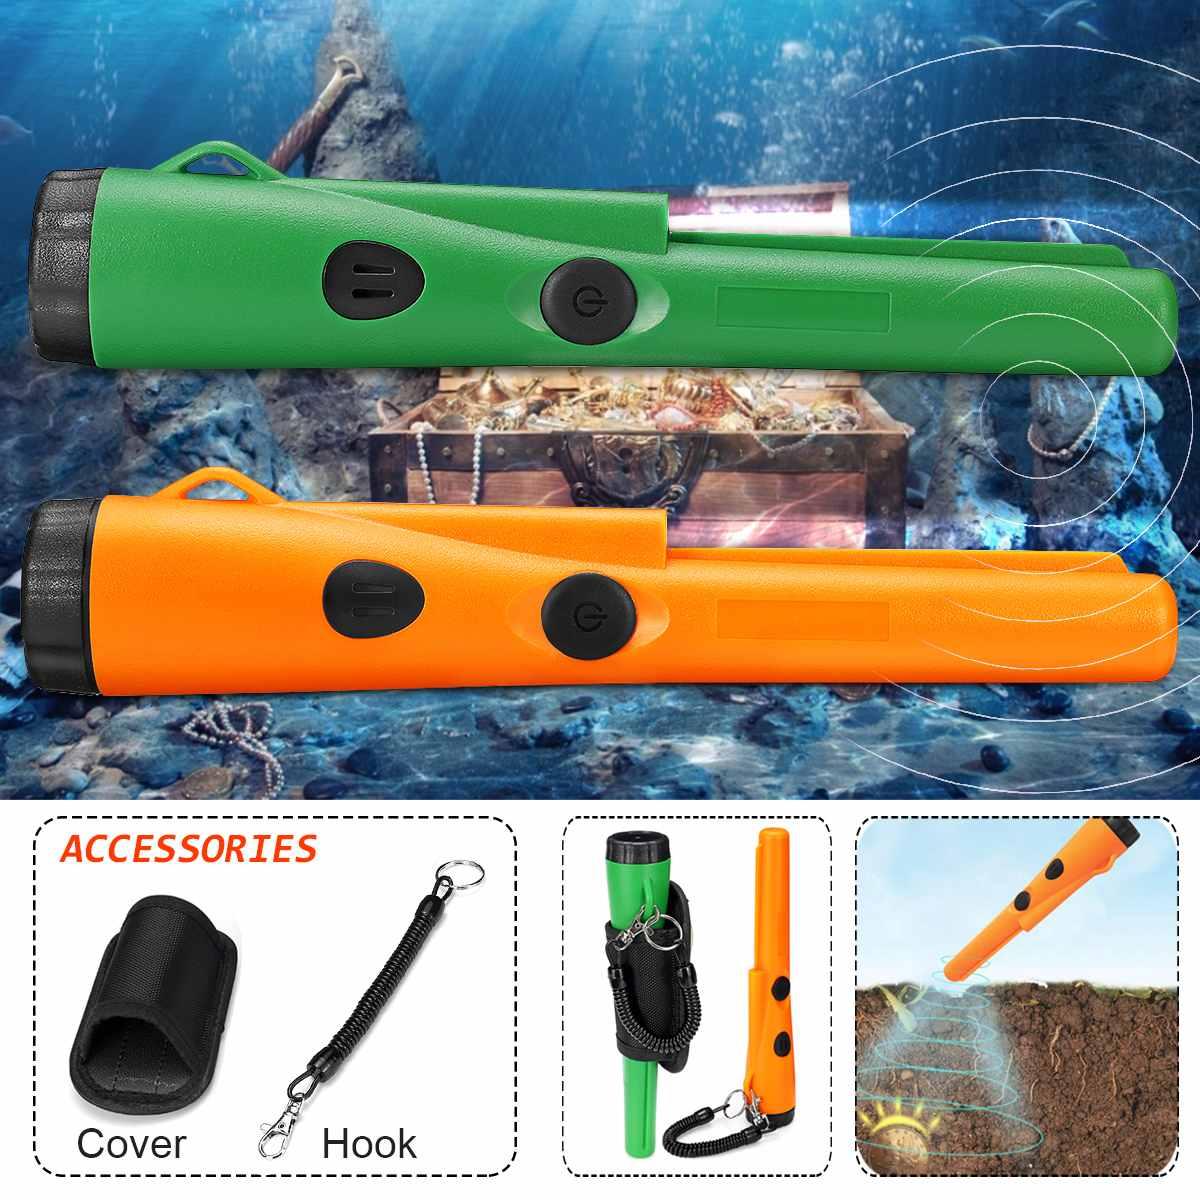 Nouveau détecteur de métaux résistant à l'eau professionnel détecteur de métaux en or LED détecteur de trésor testeur automatique